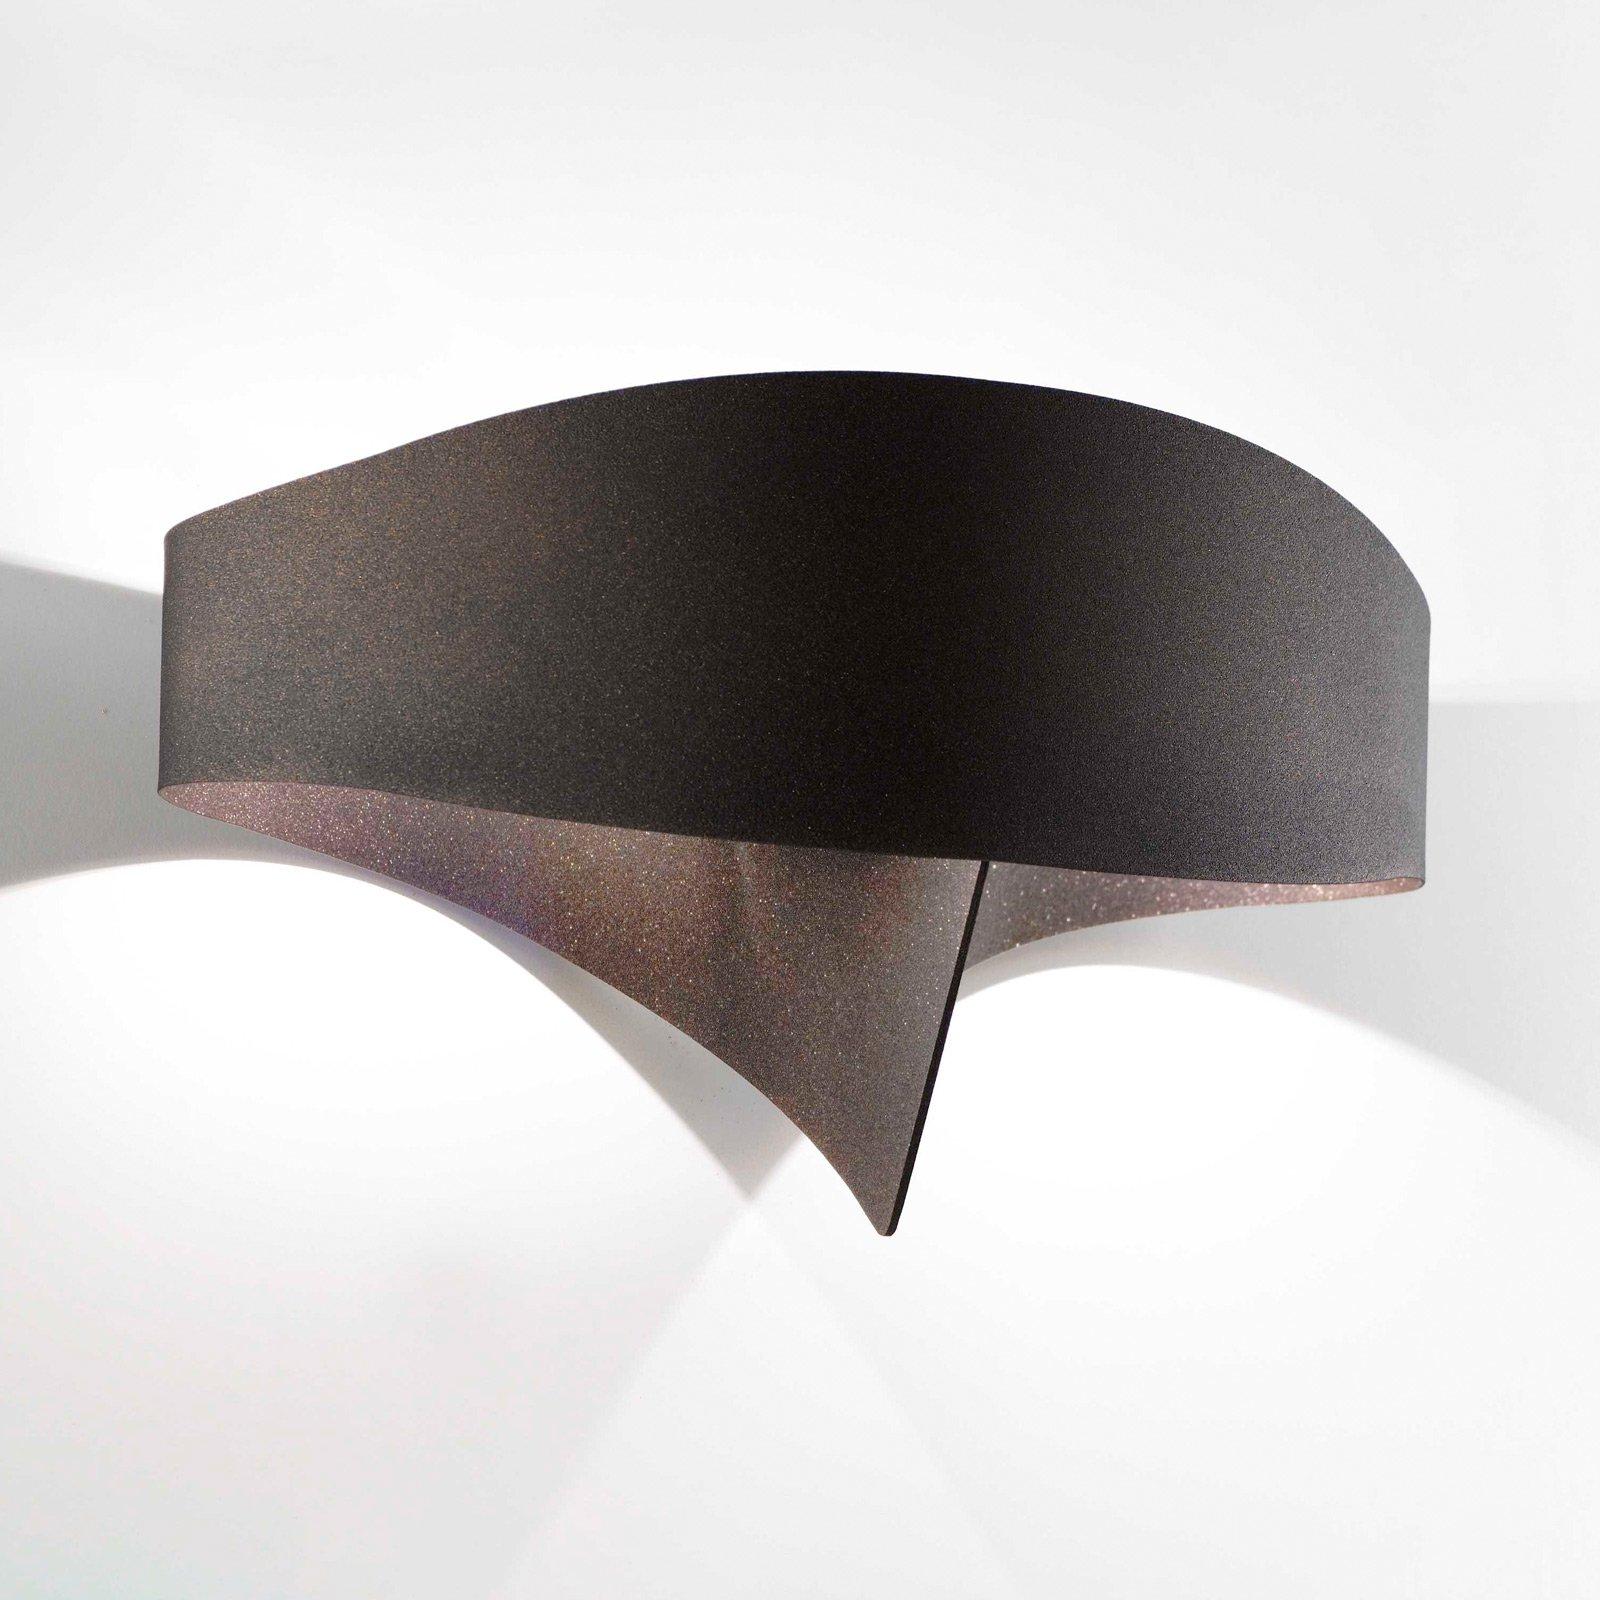 LED-vegglampe Scudo av stål, bronse